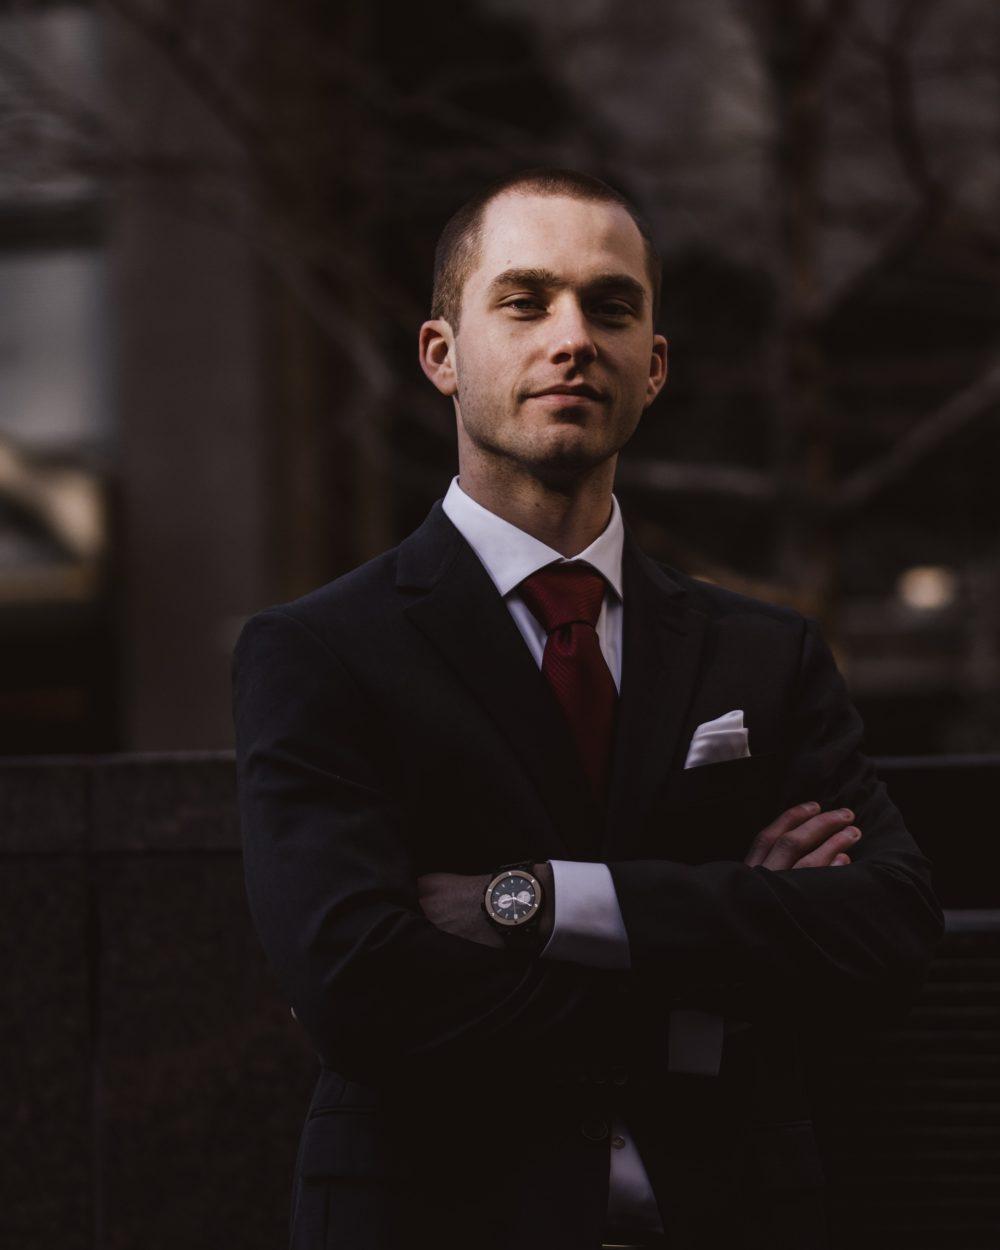 Successful HR management through HR software iExcel Hong Kong